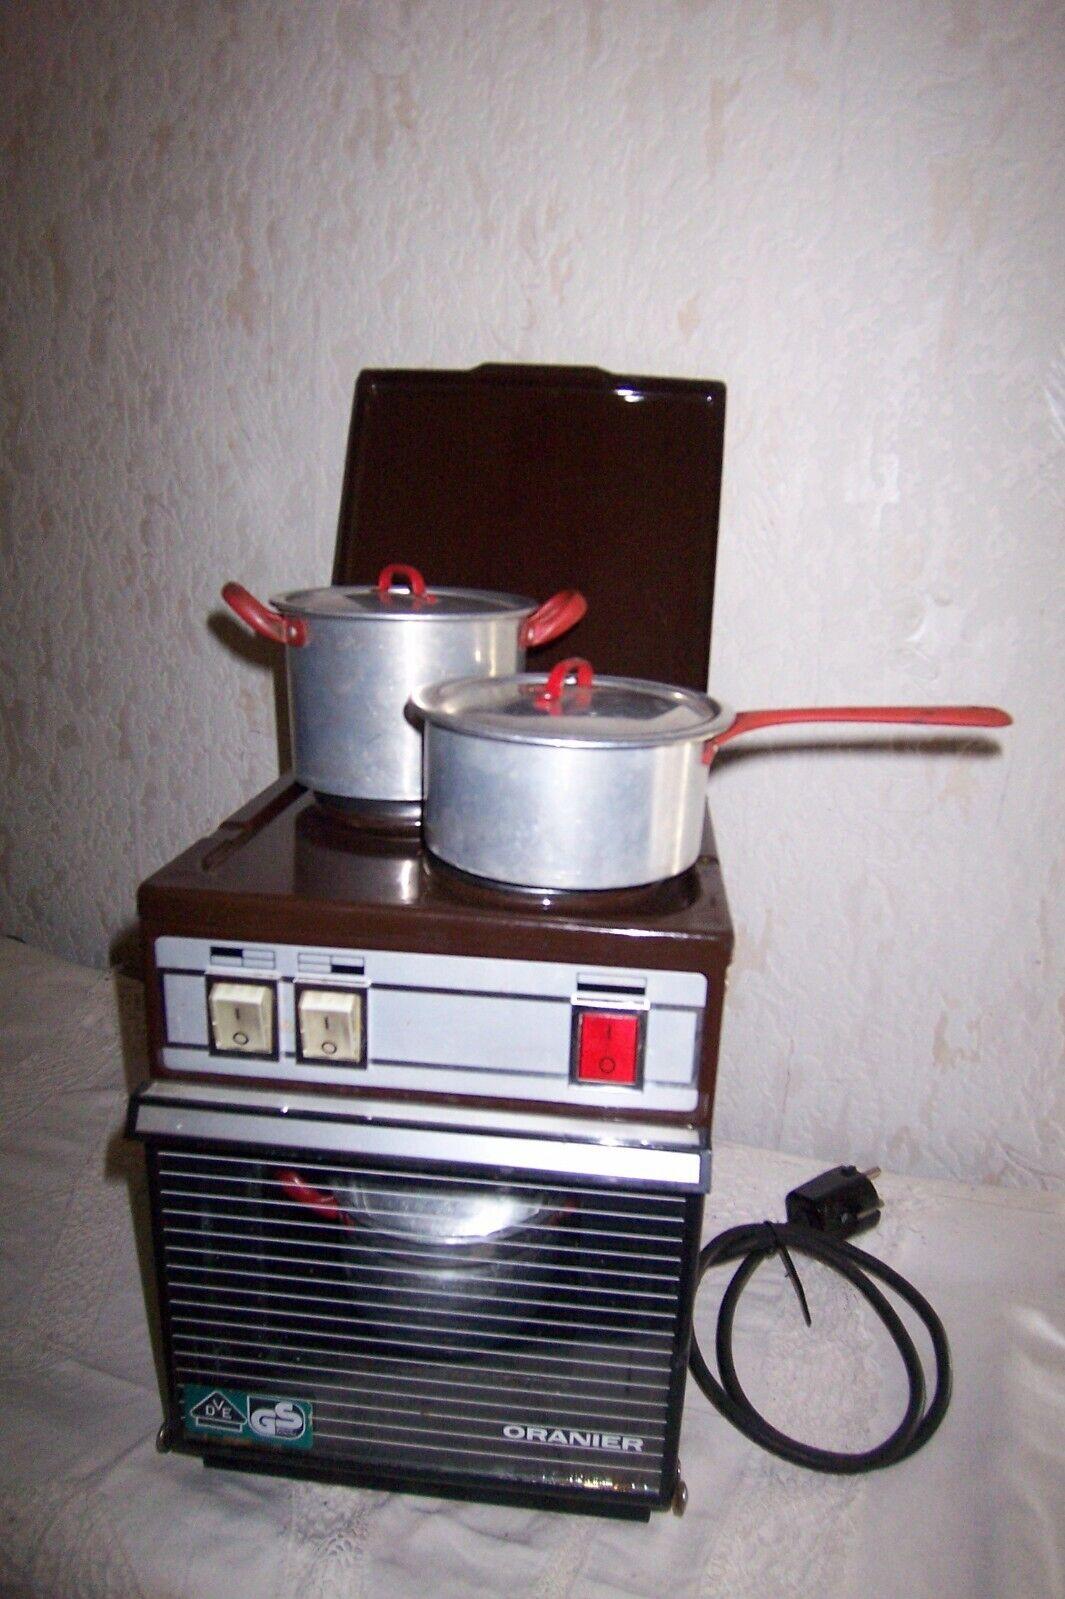 spielzeug herd elektrisch 70er jahre